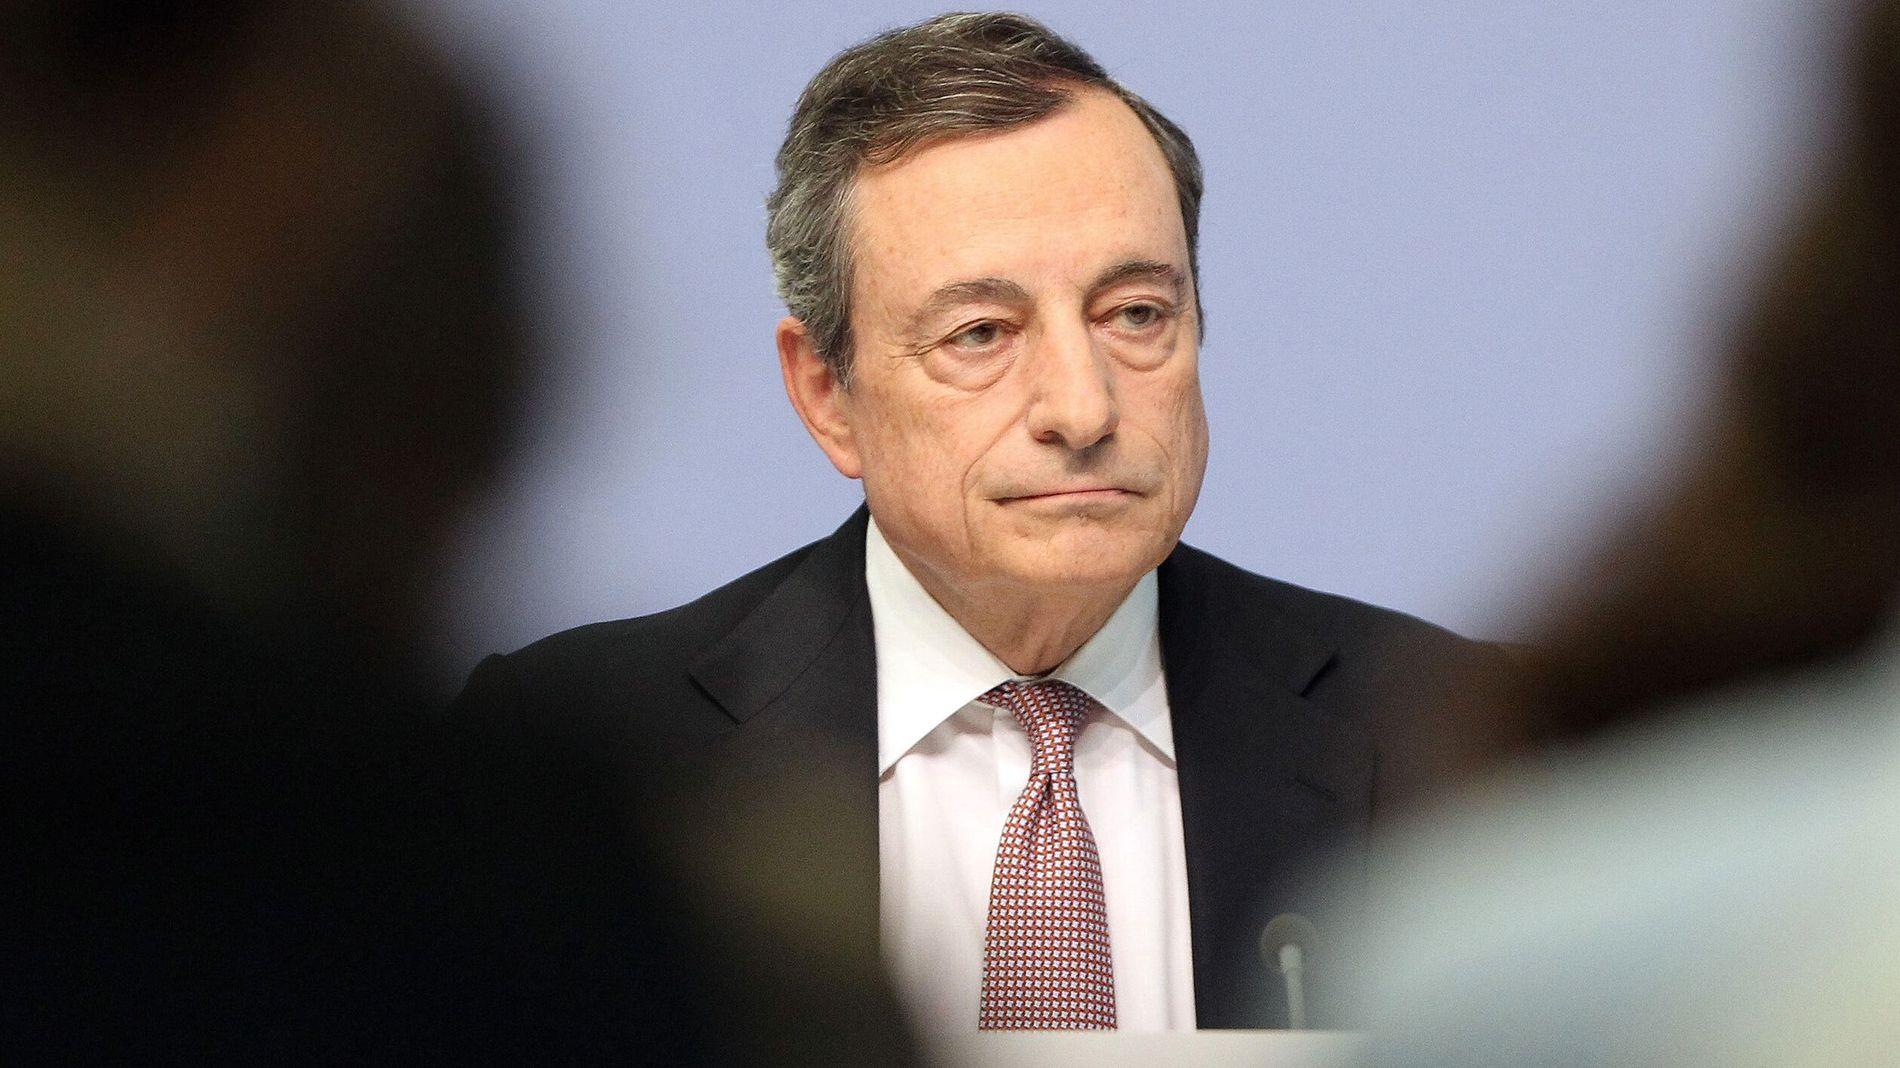 PÅ VEI UT: Mario Draghi har sittet som sentralbanksjef i euroområdet siden 2011. I oktober tar nåværende IMF-sjef Christine Lagarde over som nye ESB-sjef.